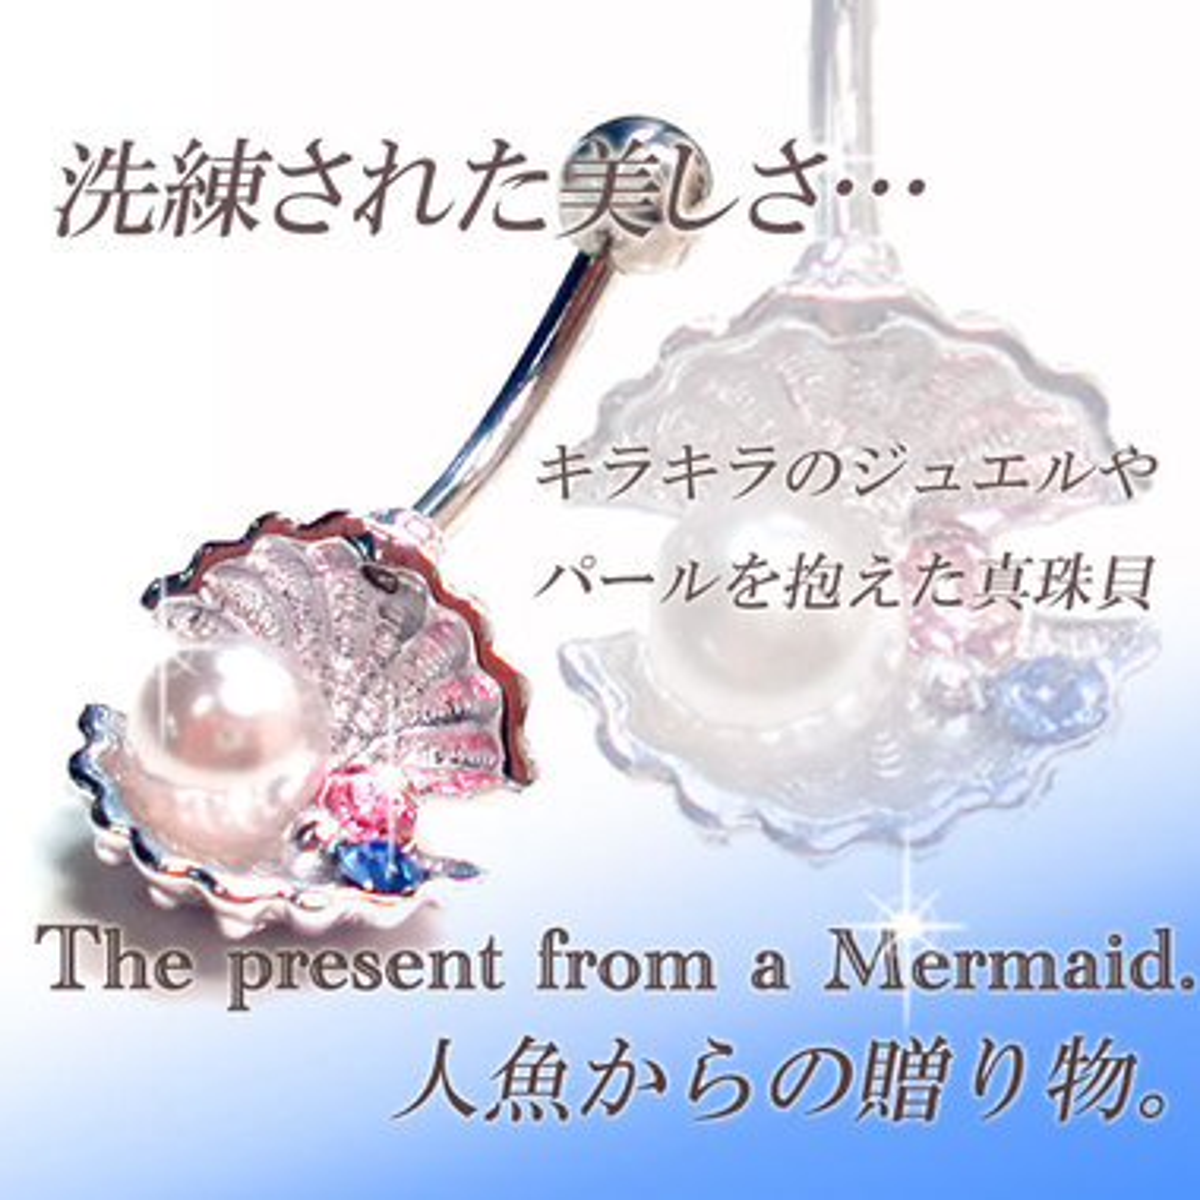 へそピアス 14G ボディピアス バナナバーベル 人魚の贈り物 パール[カーブドバーベル][ボディーピアス](1個売り)[通販]◆オマケ革命◆